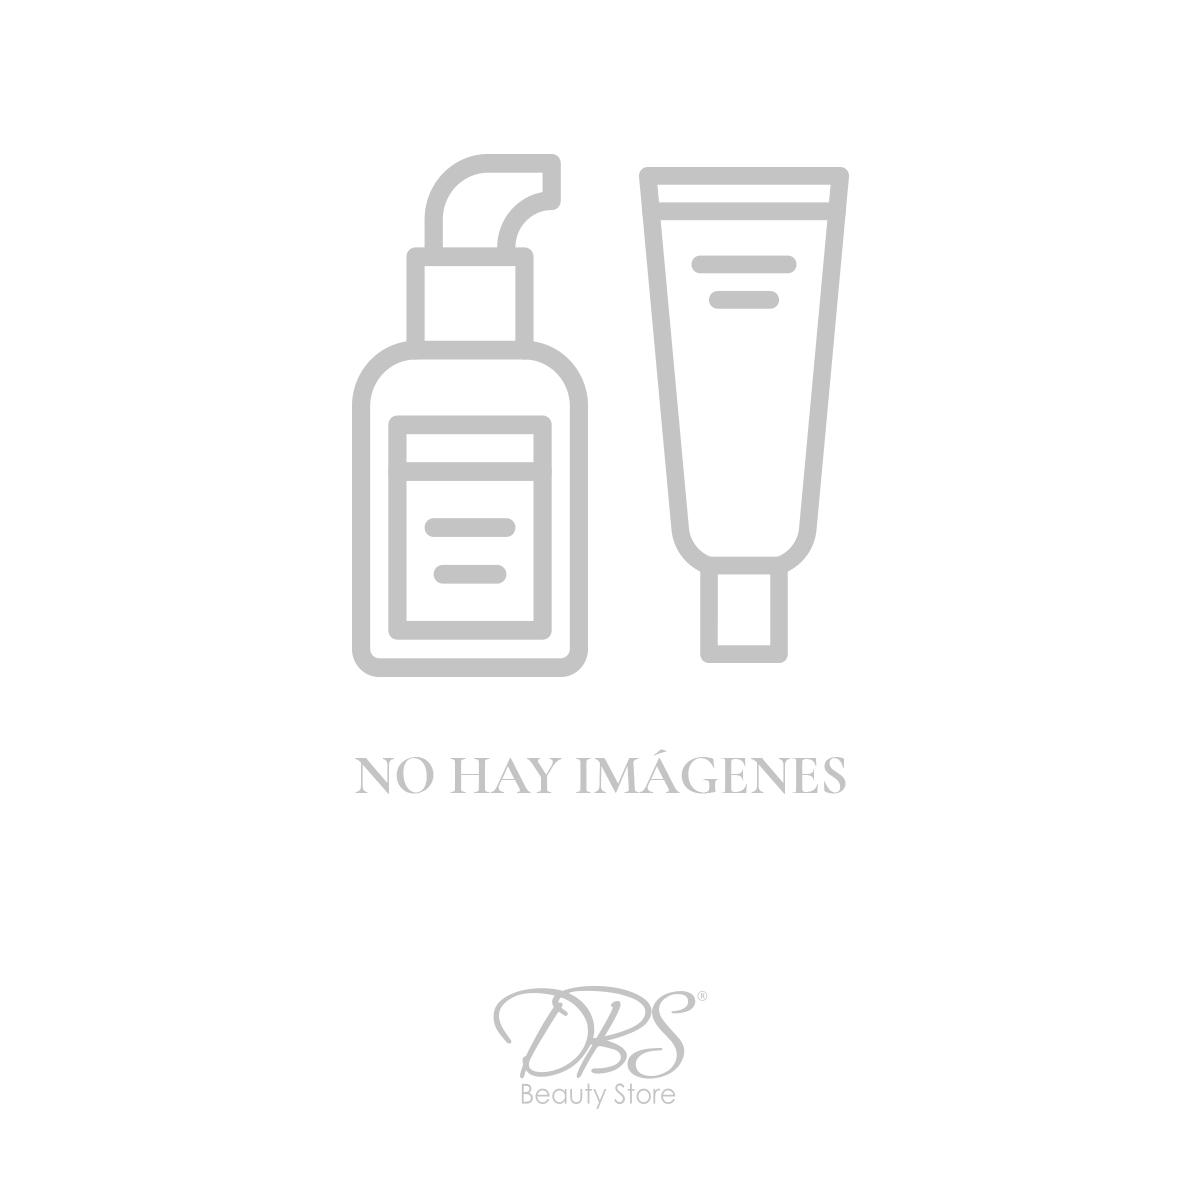 bath-and-body-works-BW-58518.jpg